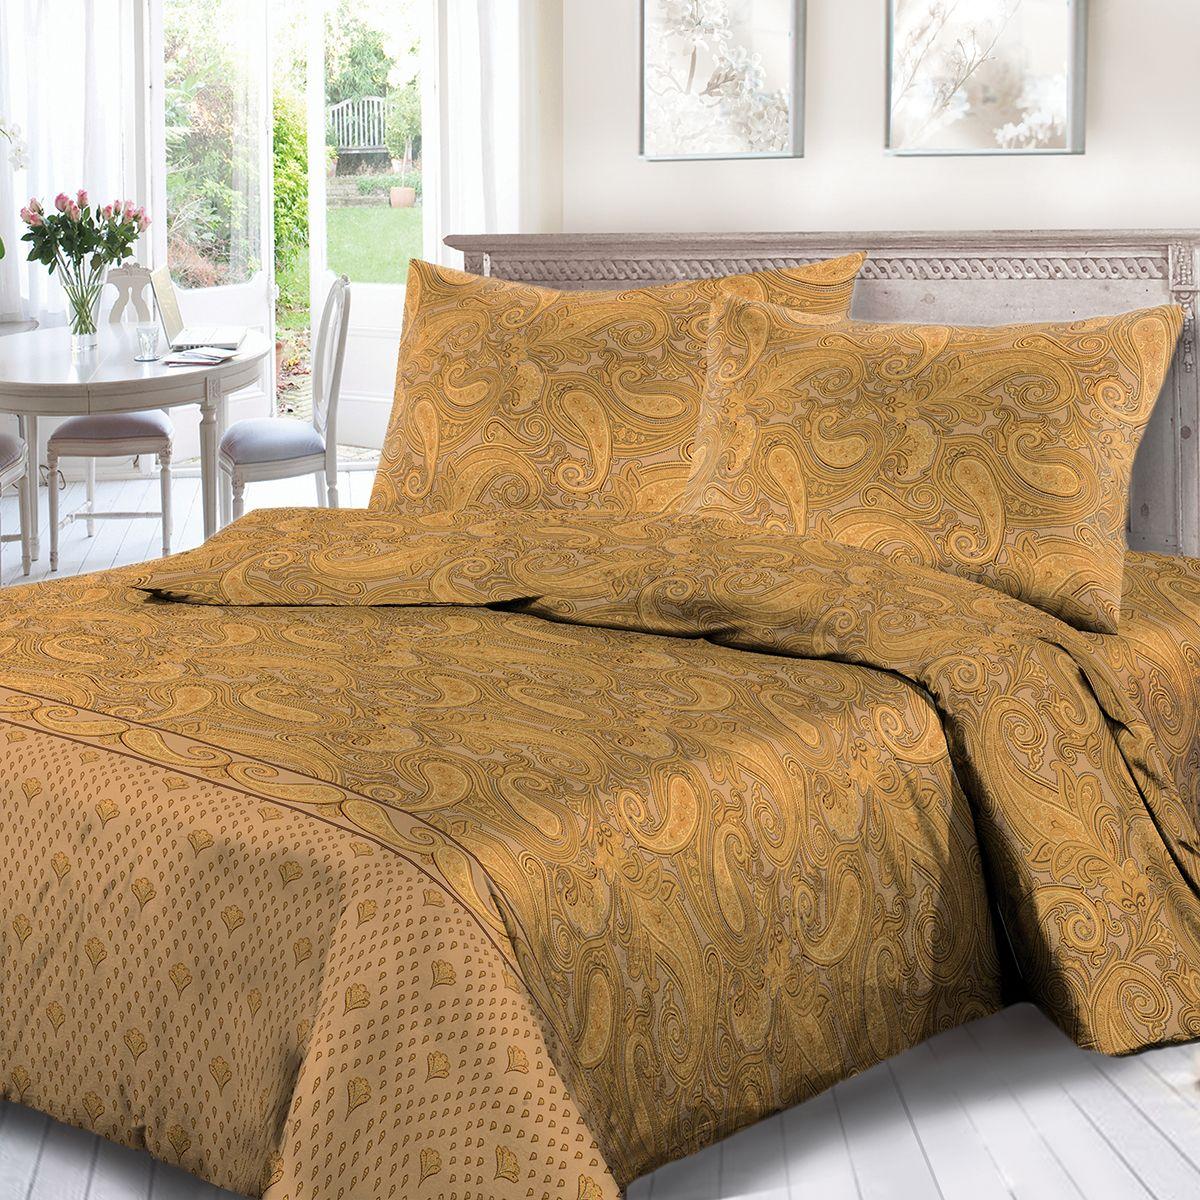 Комплект белья Сорренто Тадж Махал, 2-х спальное, наволочки 70x70, цвет: коричневый. 1753-189095